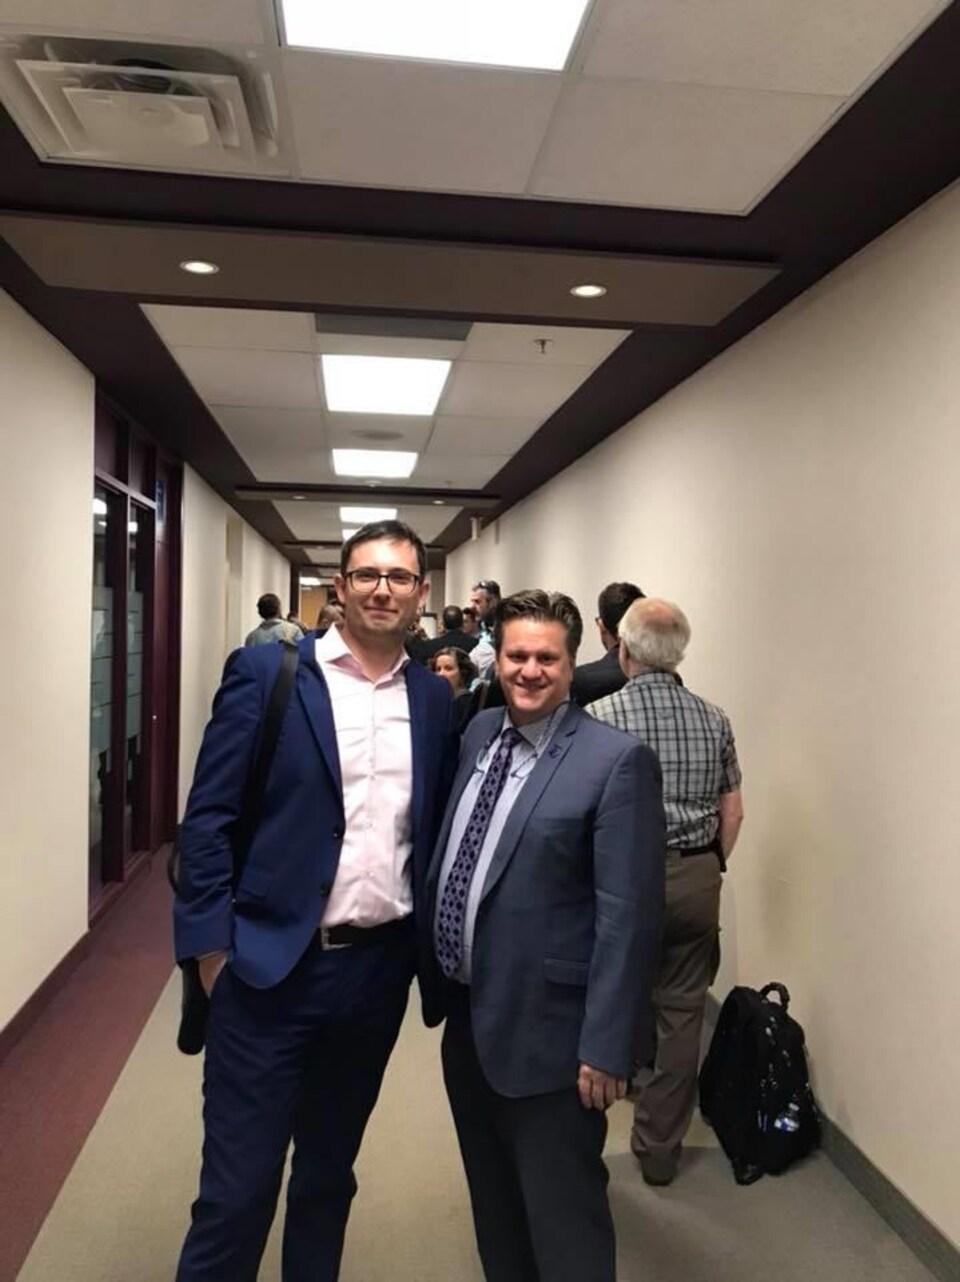 Le directeur général de l'entreprise GPU ONE, Vladimir Plessovskikh (gauche), et le maire de Baie-Comeau, Yves Montigny (droite).